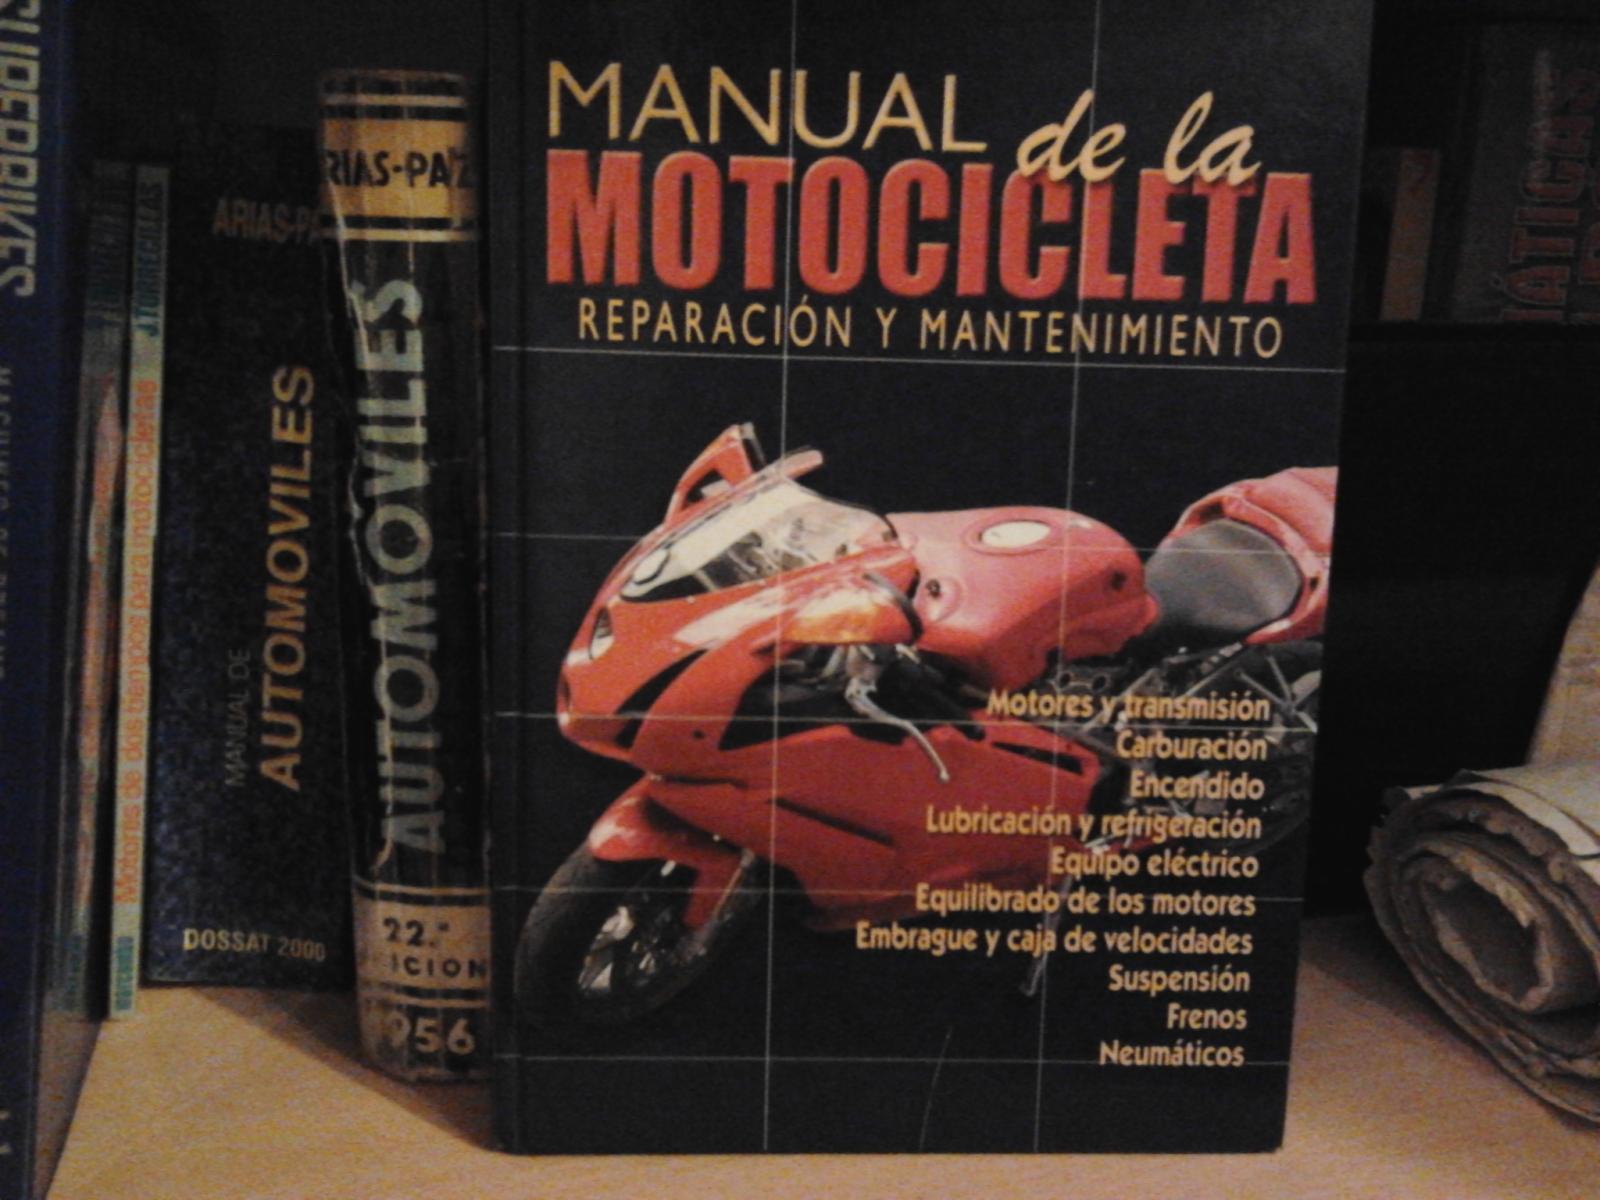 Tus libros y enciclopedias sobre mecánica - Página 2 1i23xf